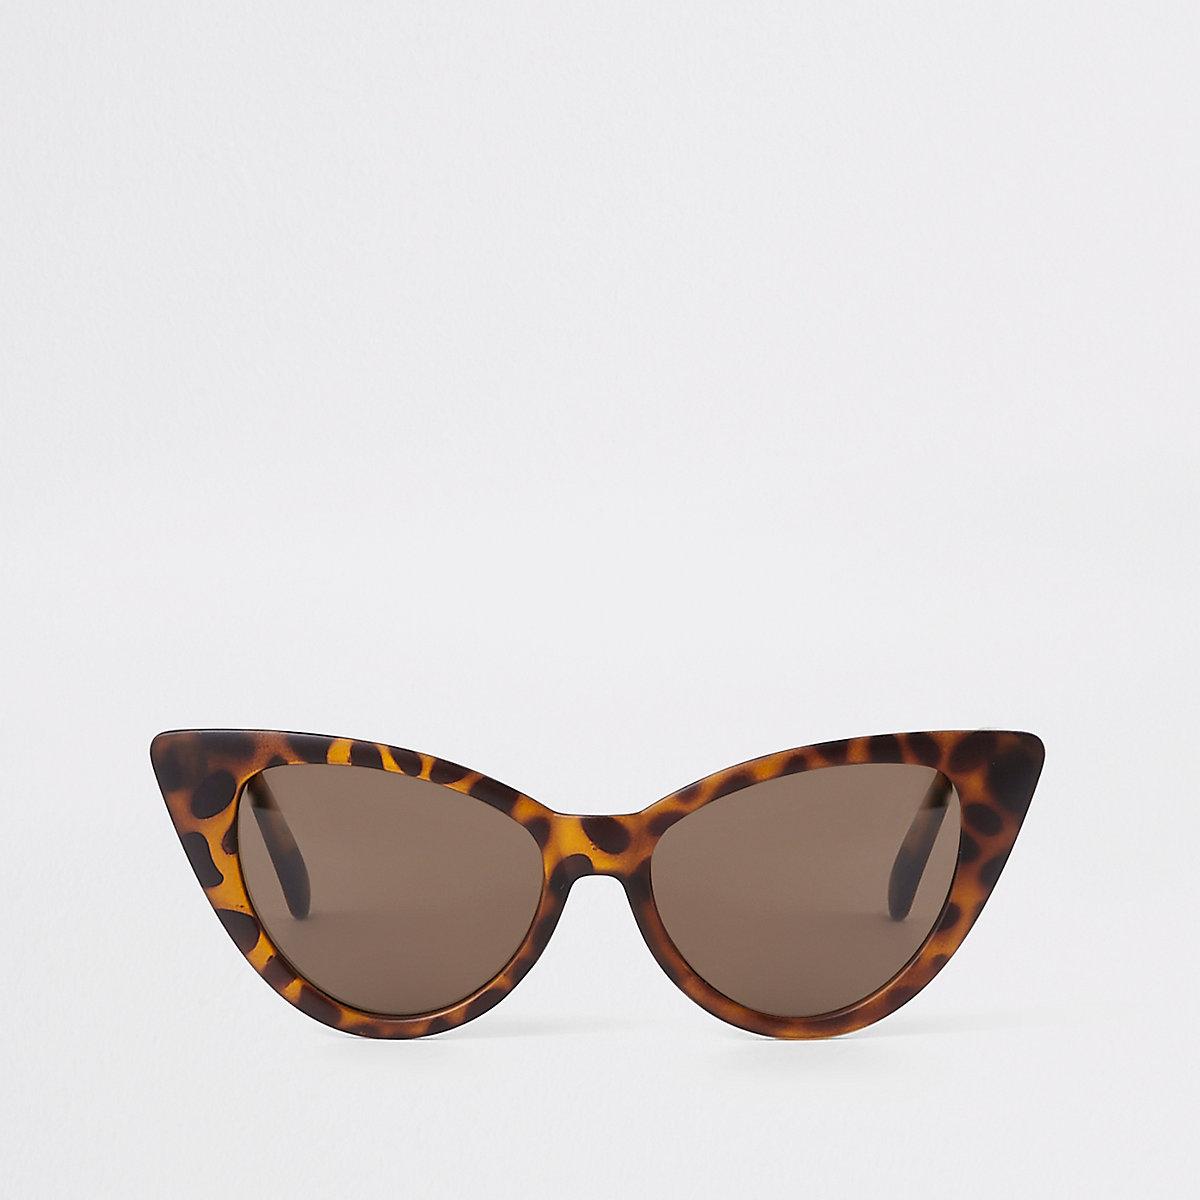 c539c01095 Girls brown tortoiseshell cat eye sunglasses - Sunglasses - Accessories -  girls